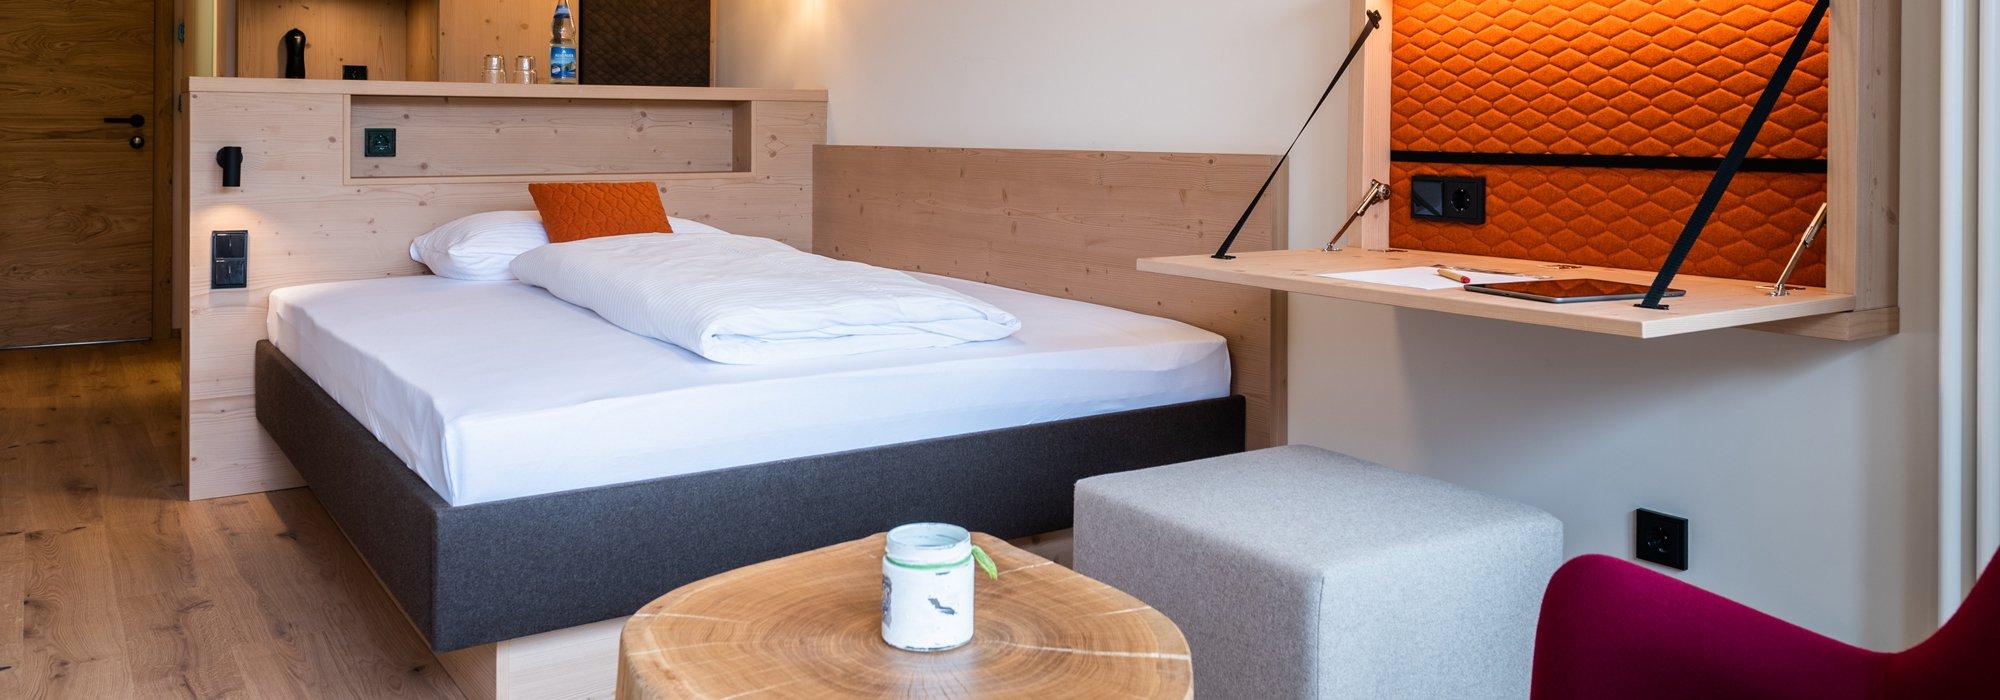 Ganz für sich zur Ruhe. Komfort-Einzelzimmer im Biohotel mit Südbalkon